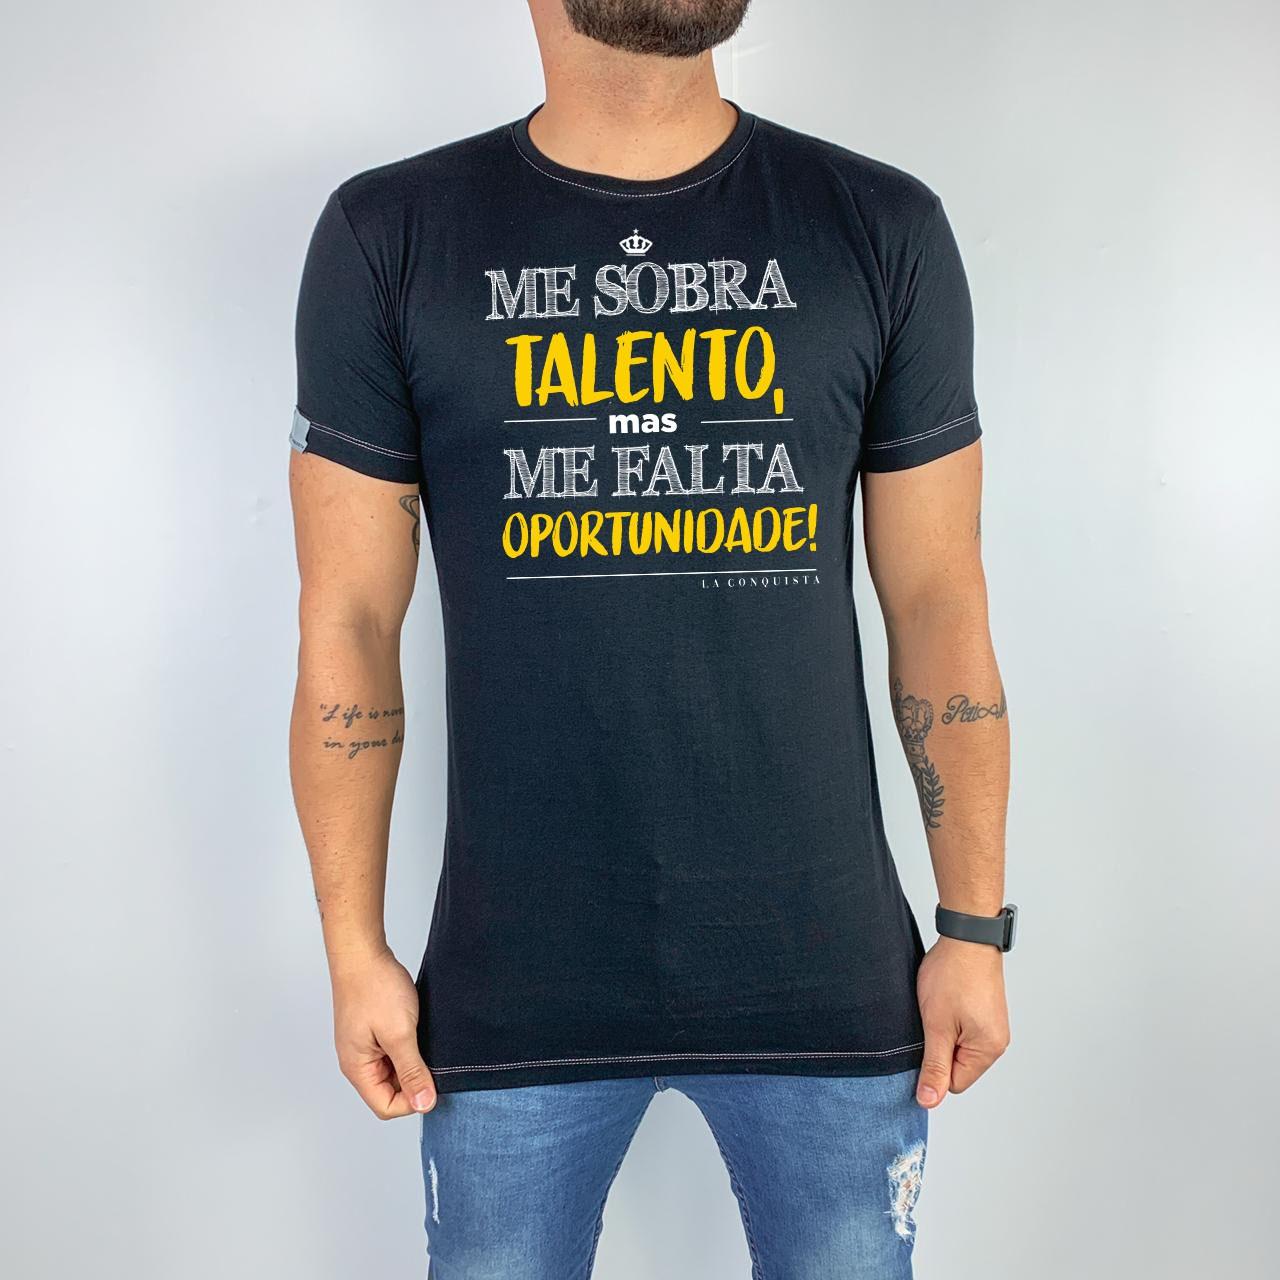 Camiseta Me sobra talento, mas me falta oportunidade!